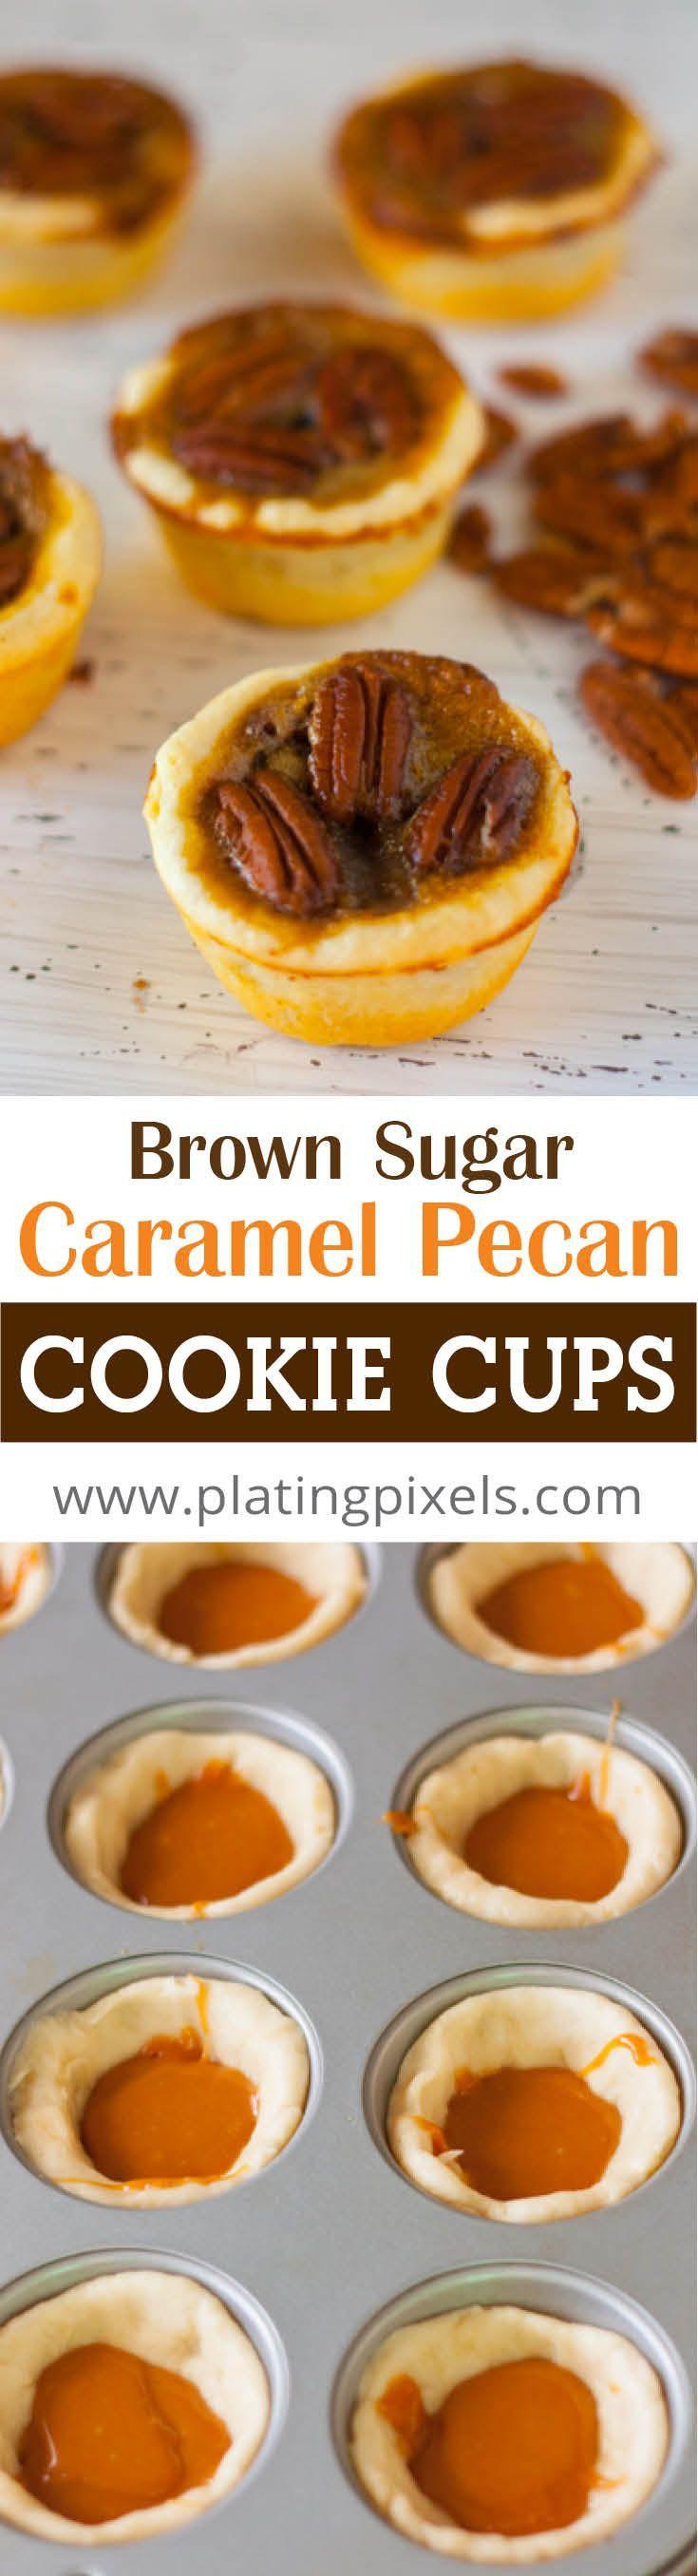 ... Pecan Cookie Cups | Recipe | Caramel Pecan, Cookie Cups and Pecans